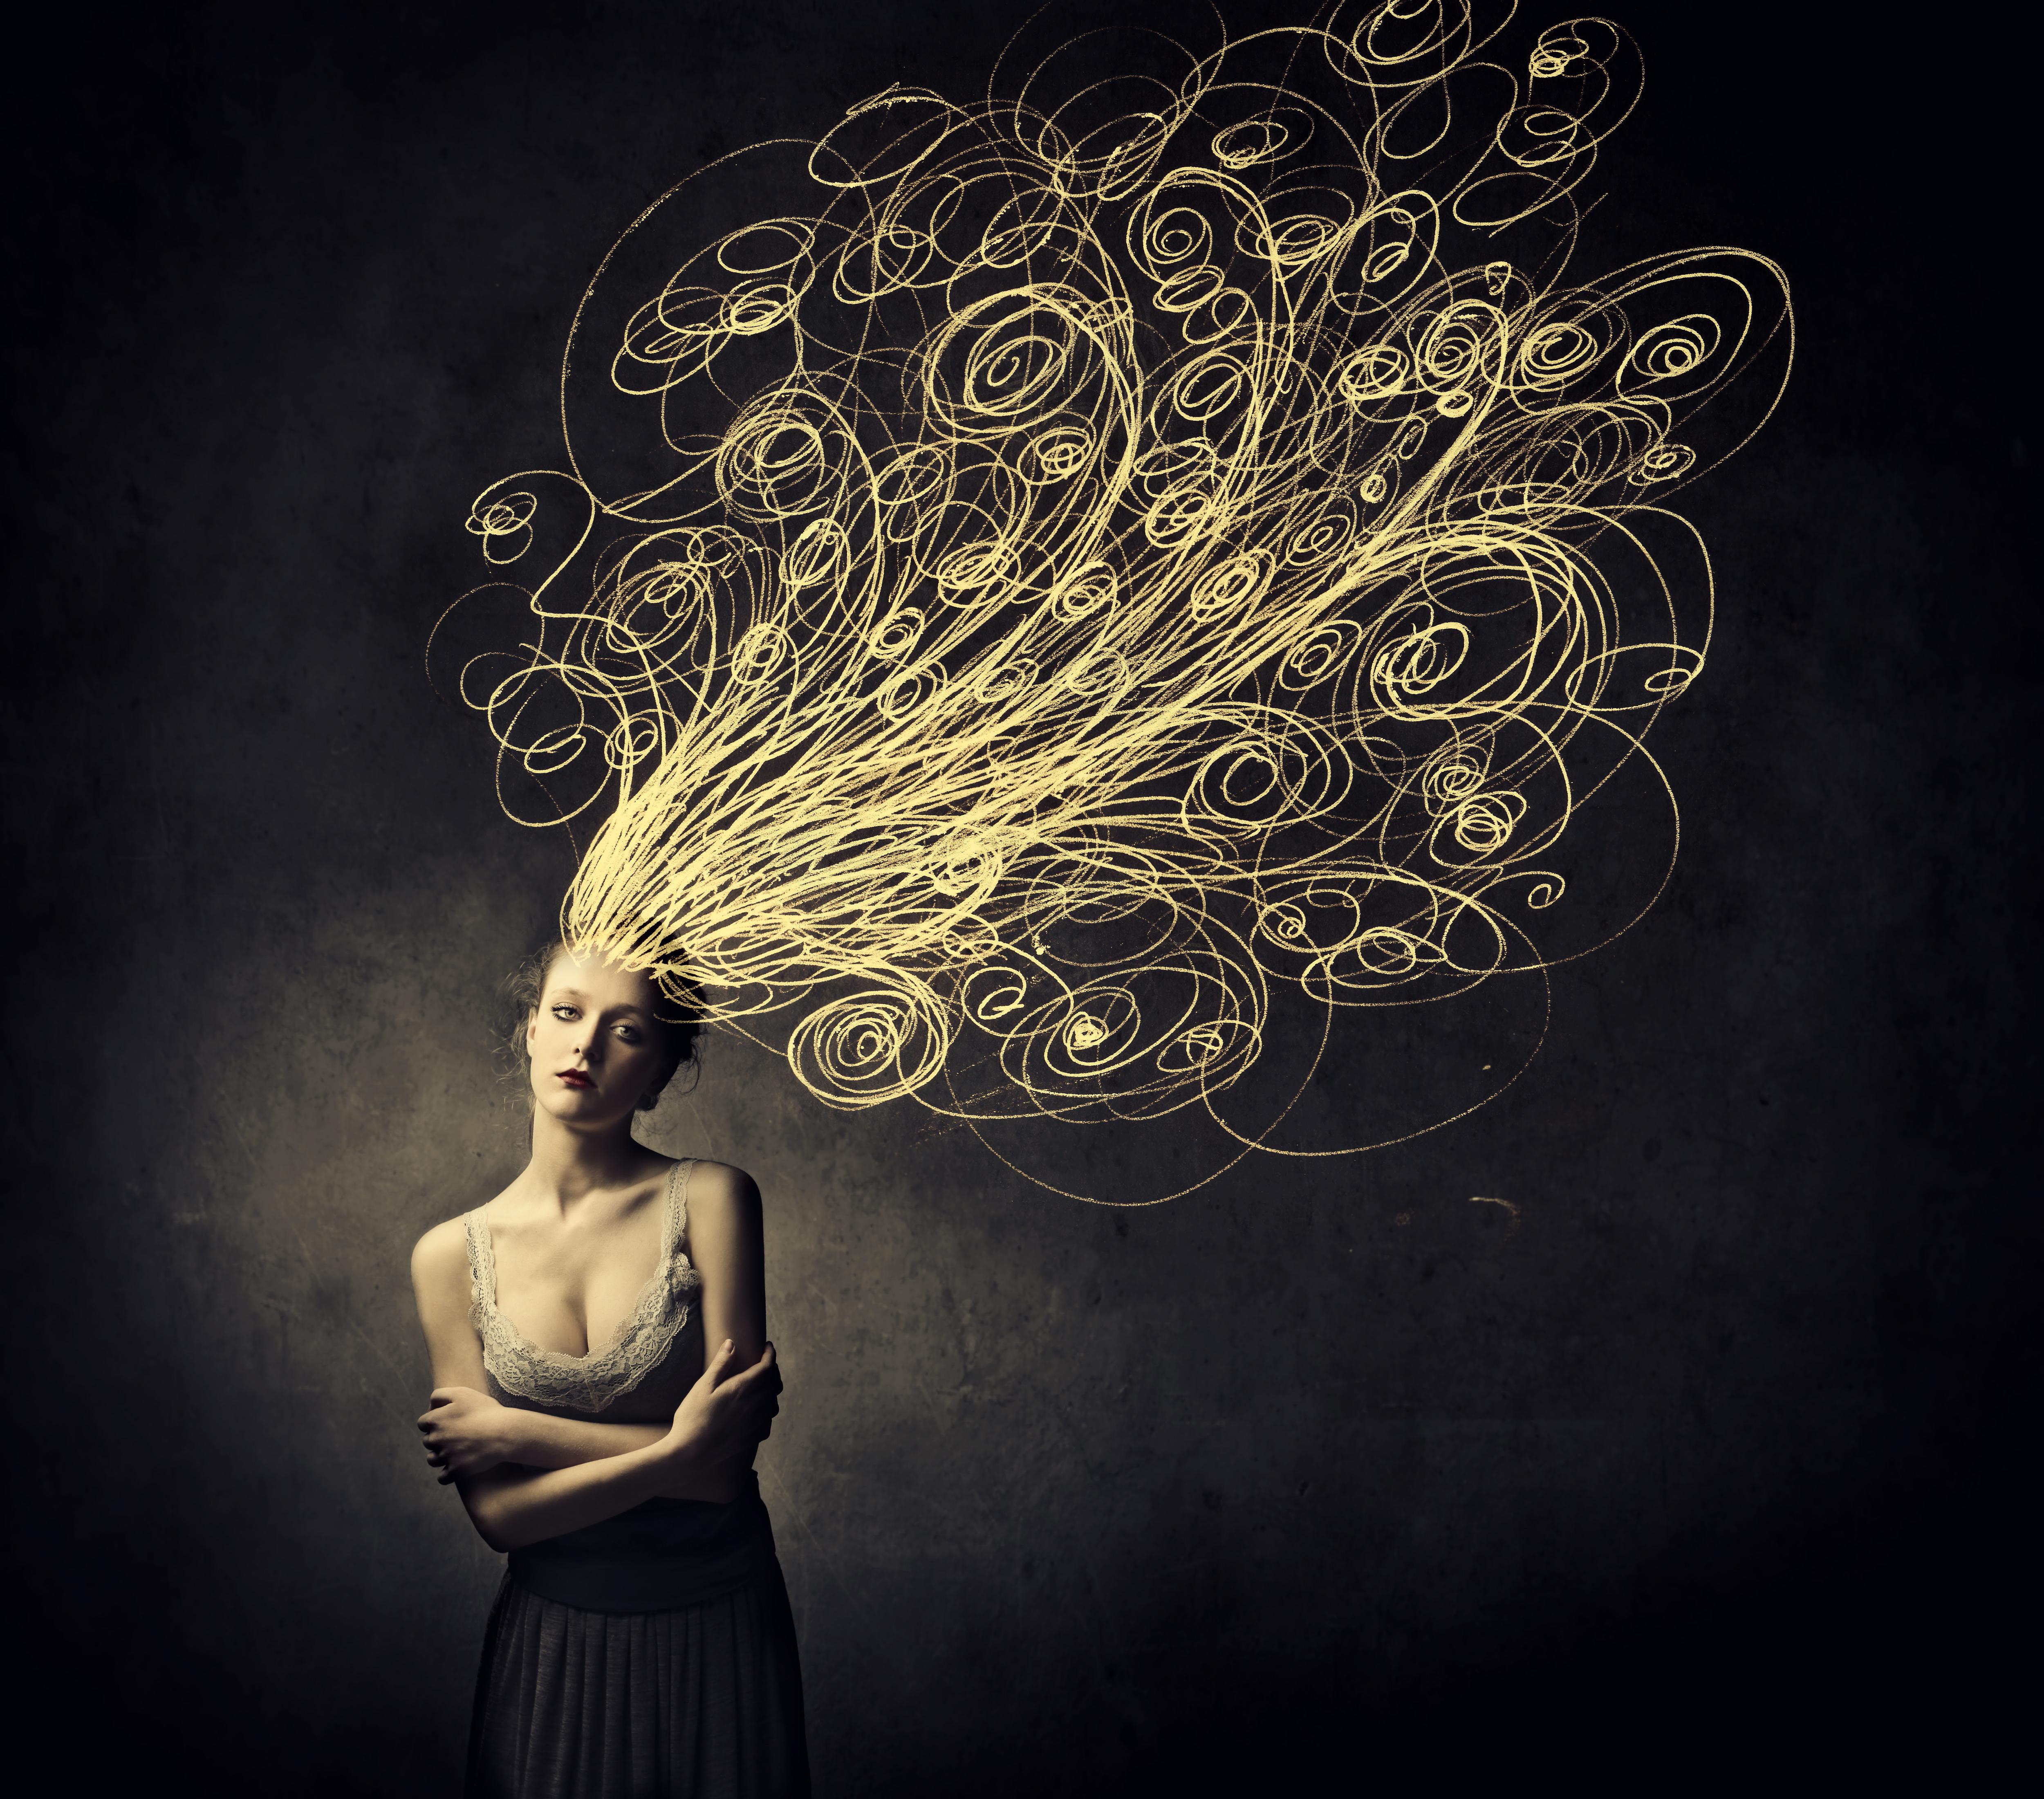 donna con pensieri arruffati